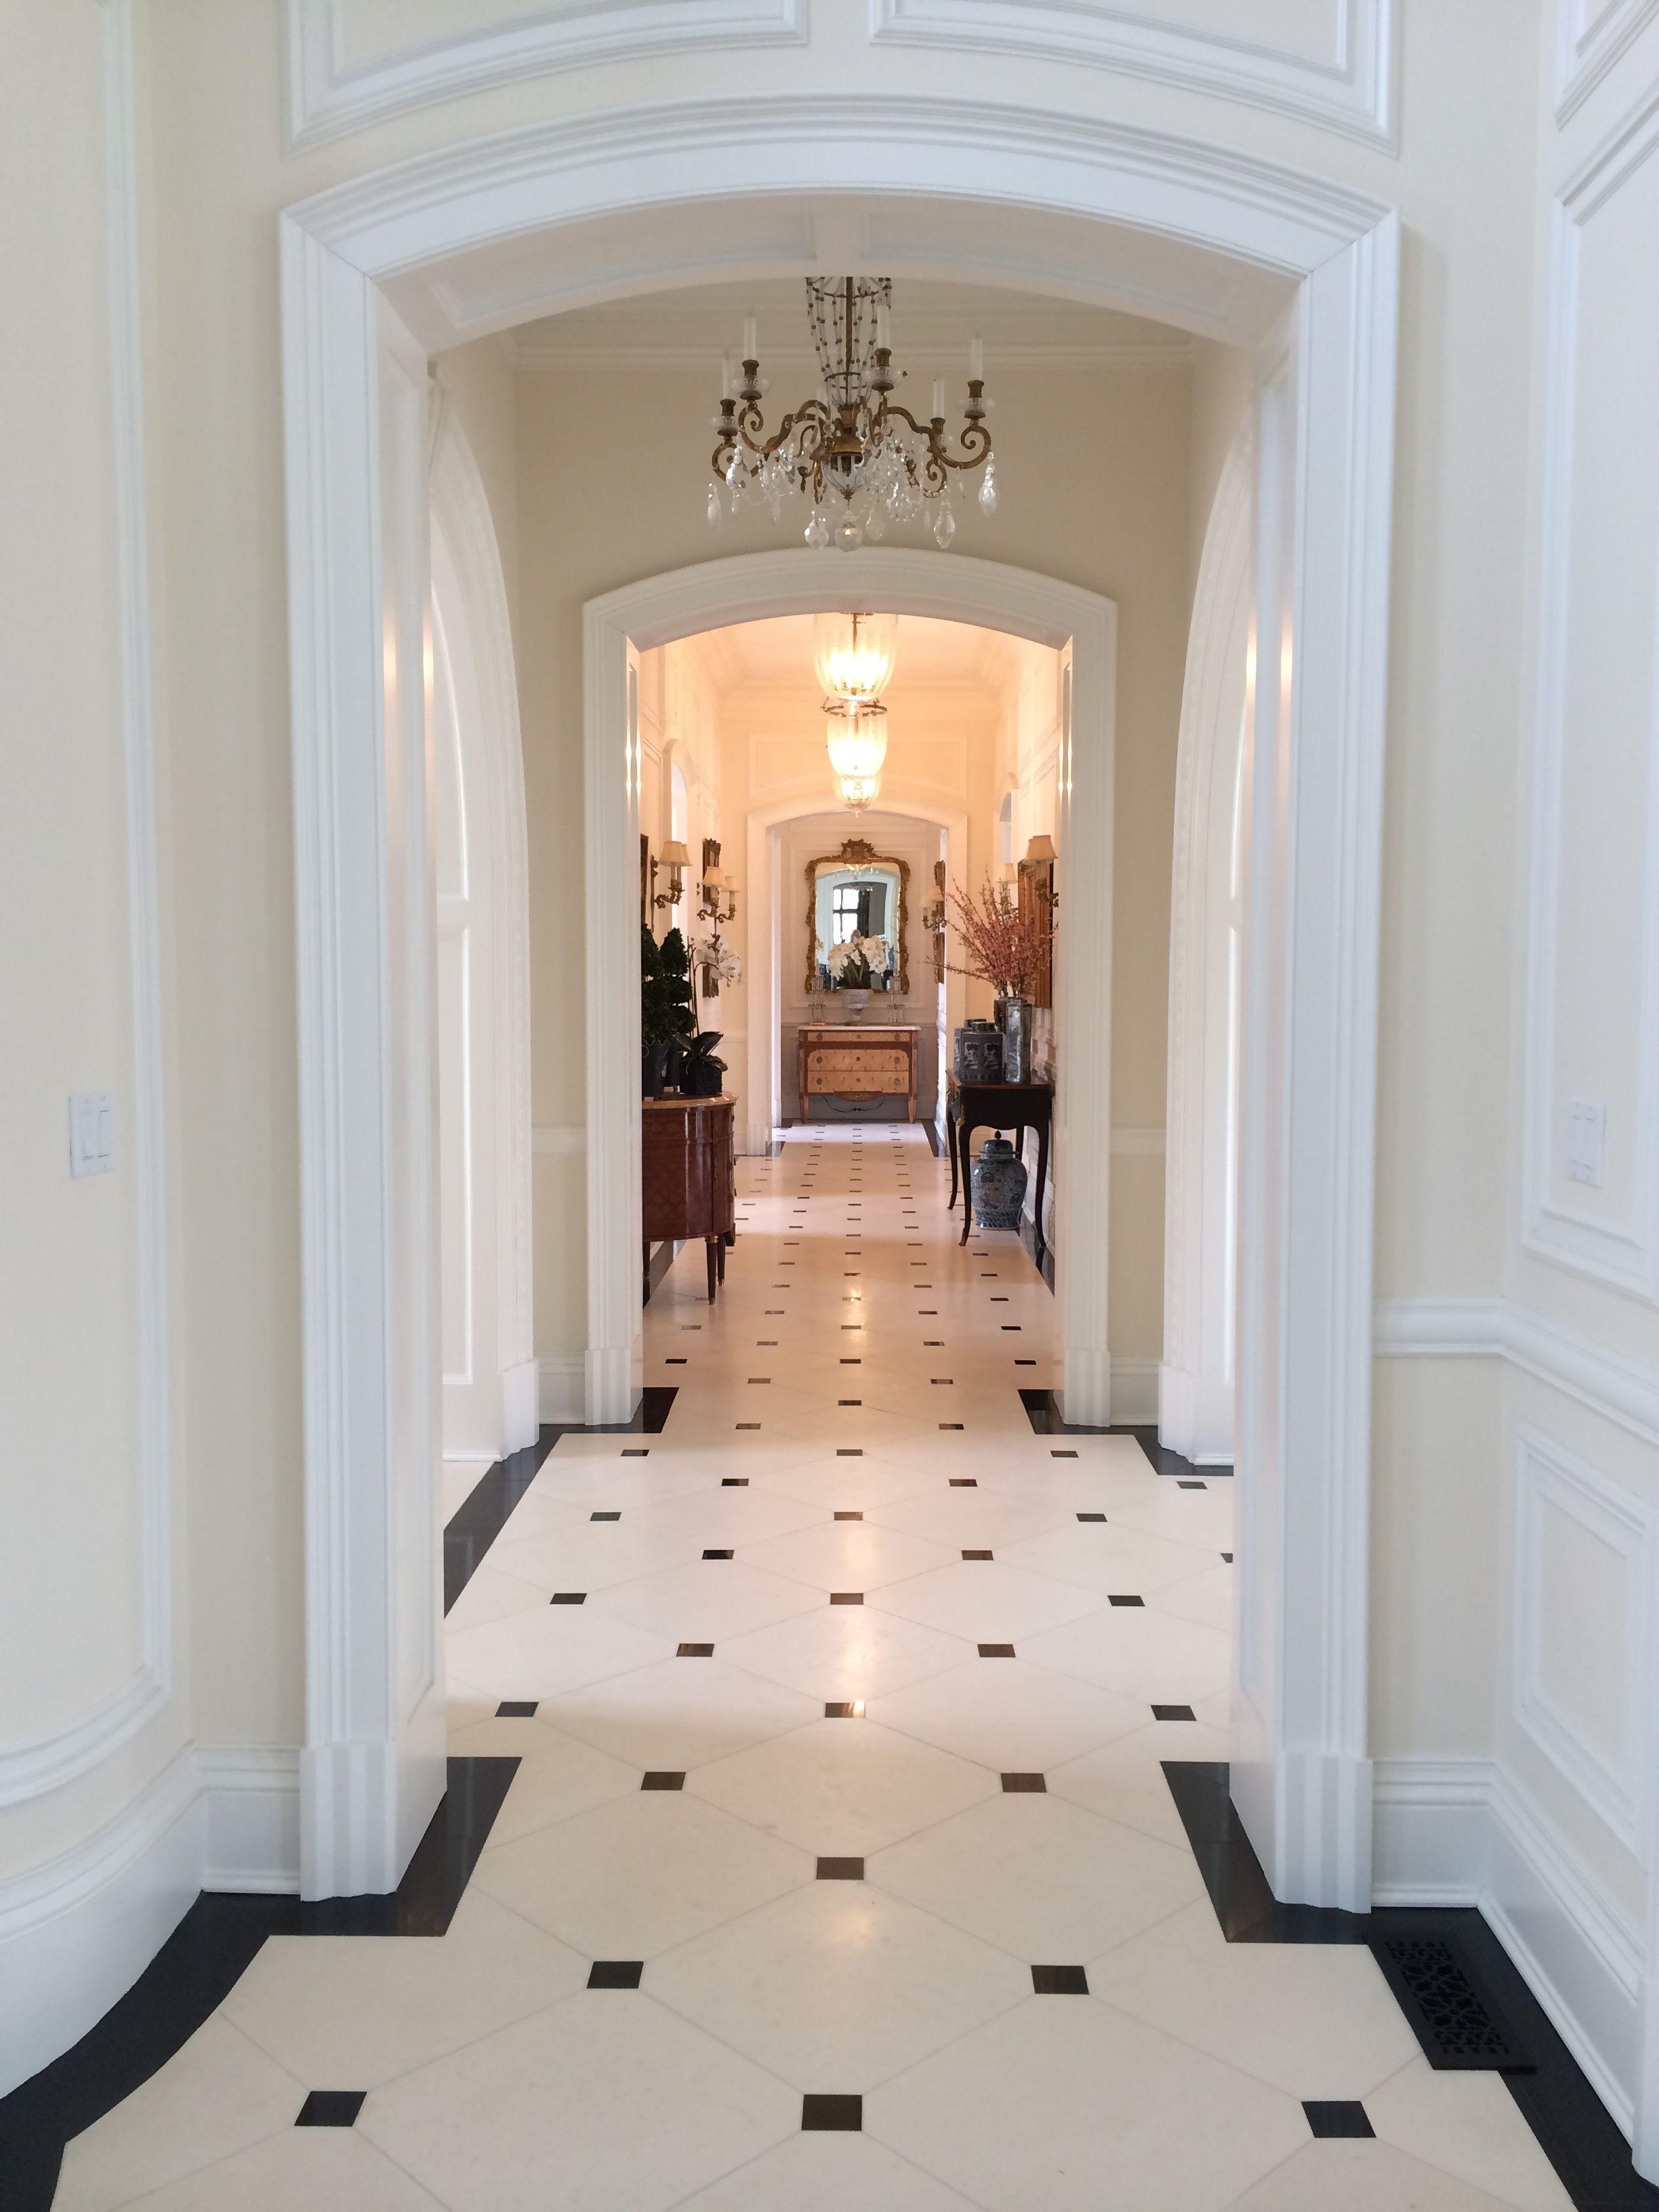 Lighting Basement Washroom Stairs: IMG_1690 Enchanted Home Wall Color